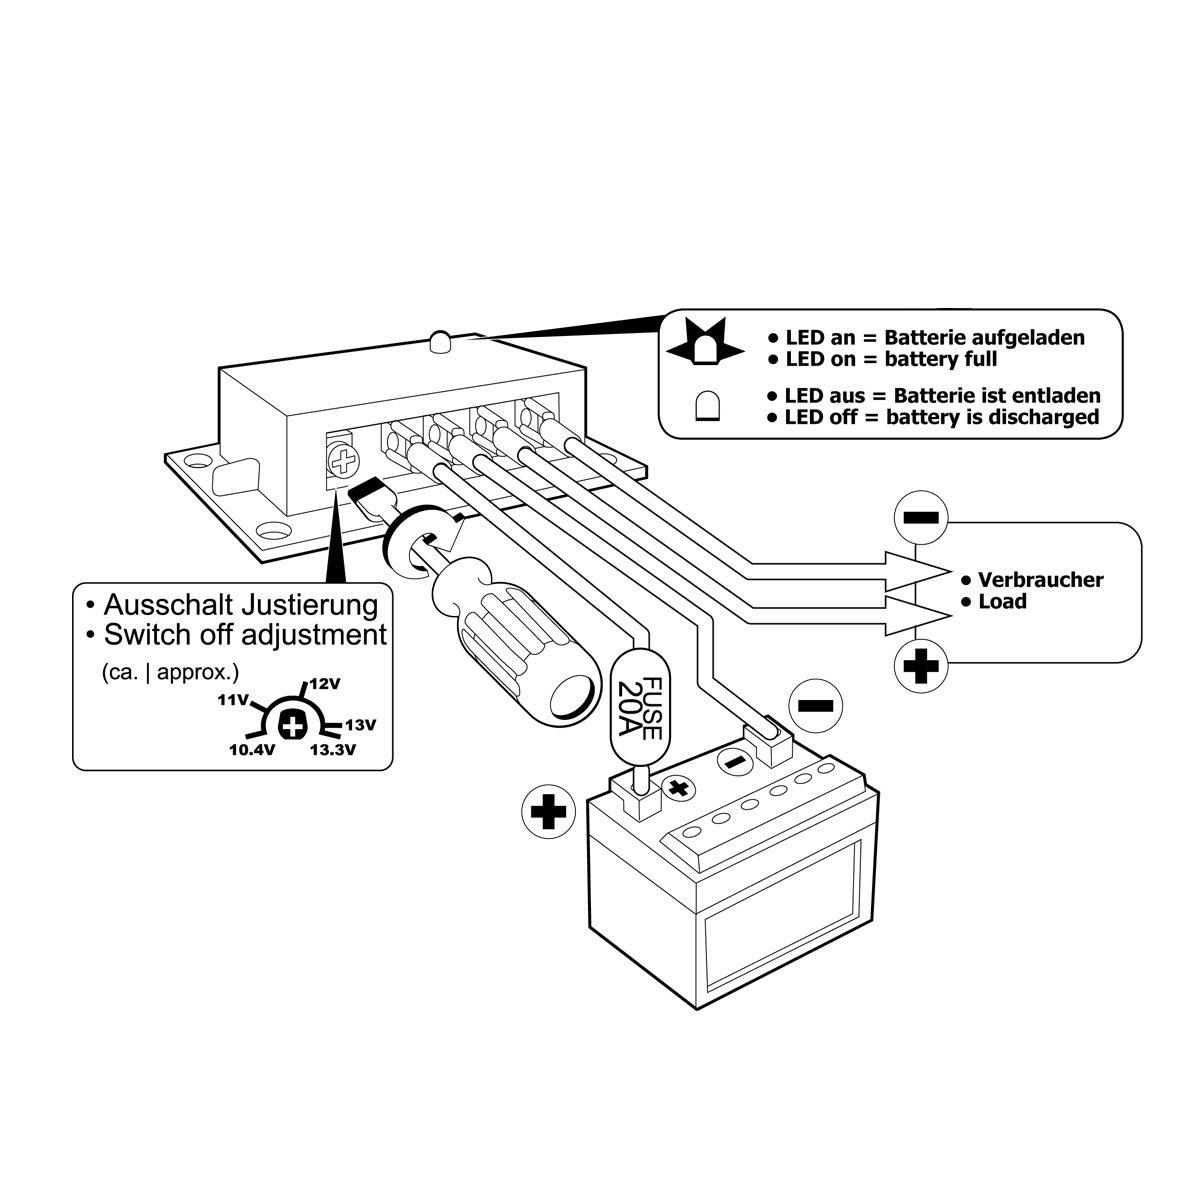 Großzügig Schiffsbatterie Schaltplan Galerie - Die Besten ...